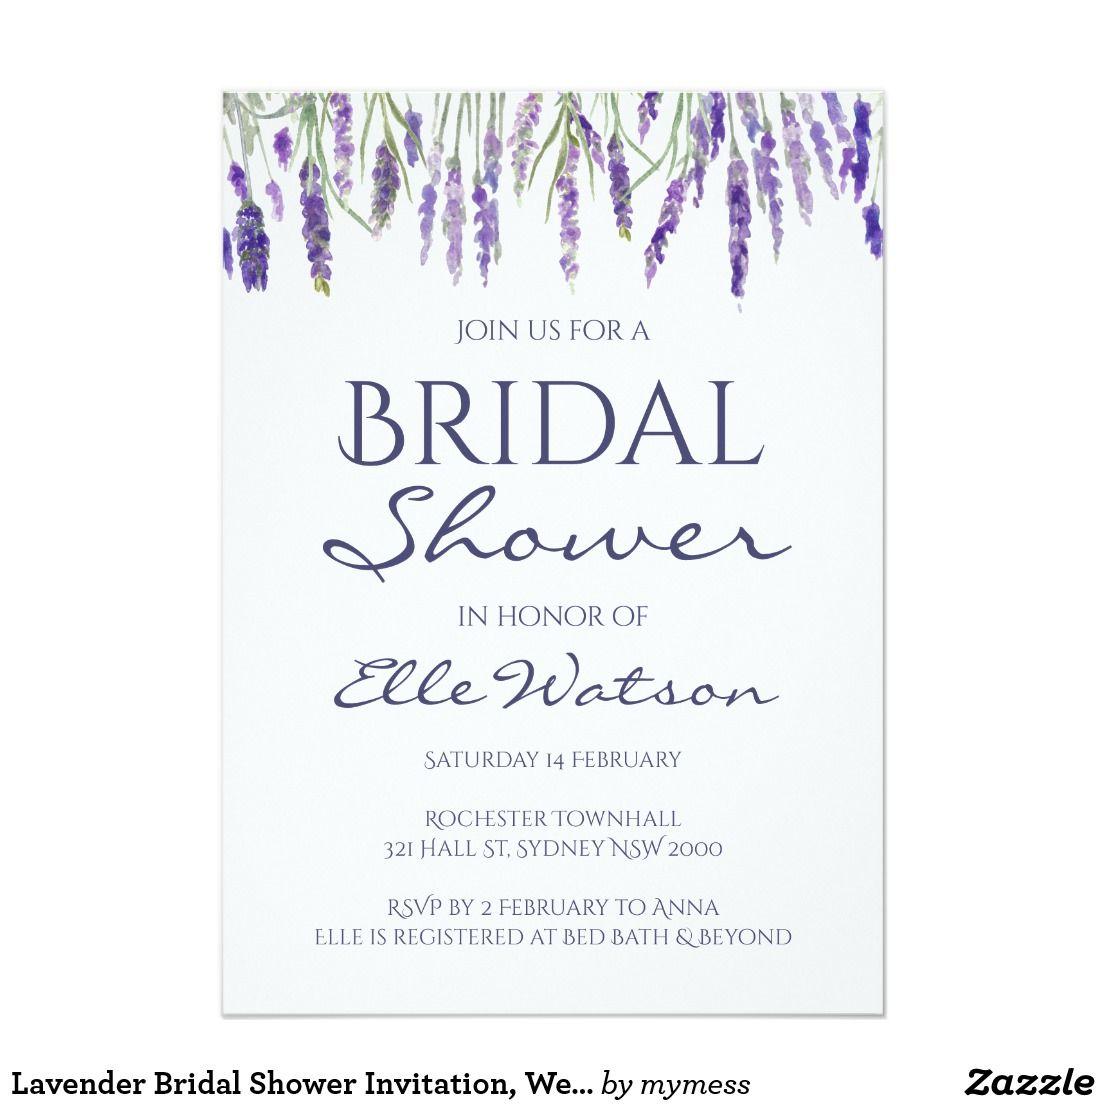 Lavender Bridal Shower Invitation, Wedding Card Lavender Bridal ...